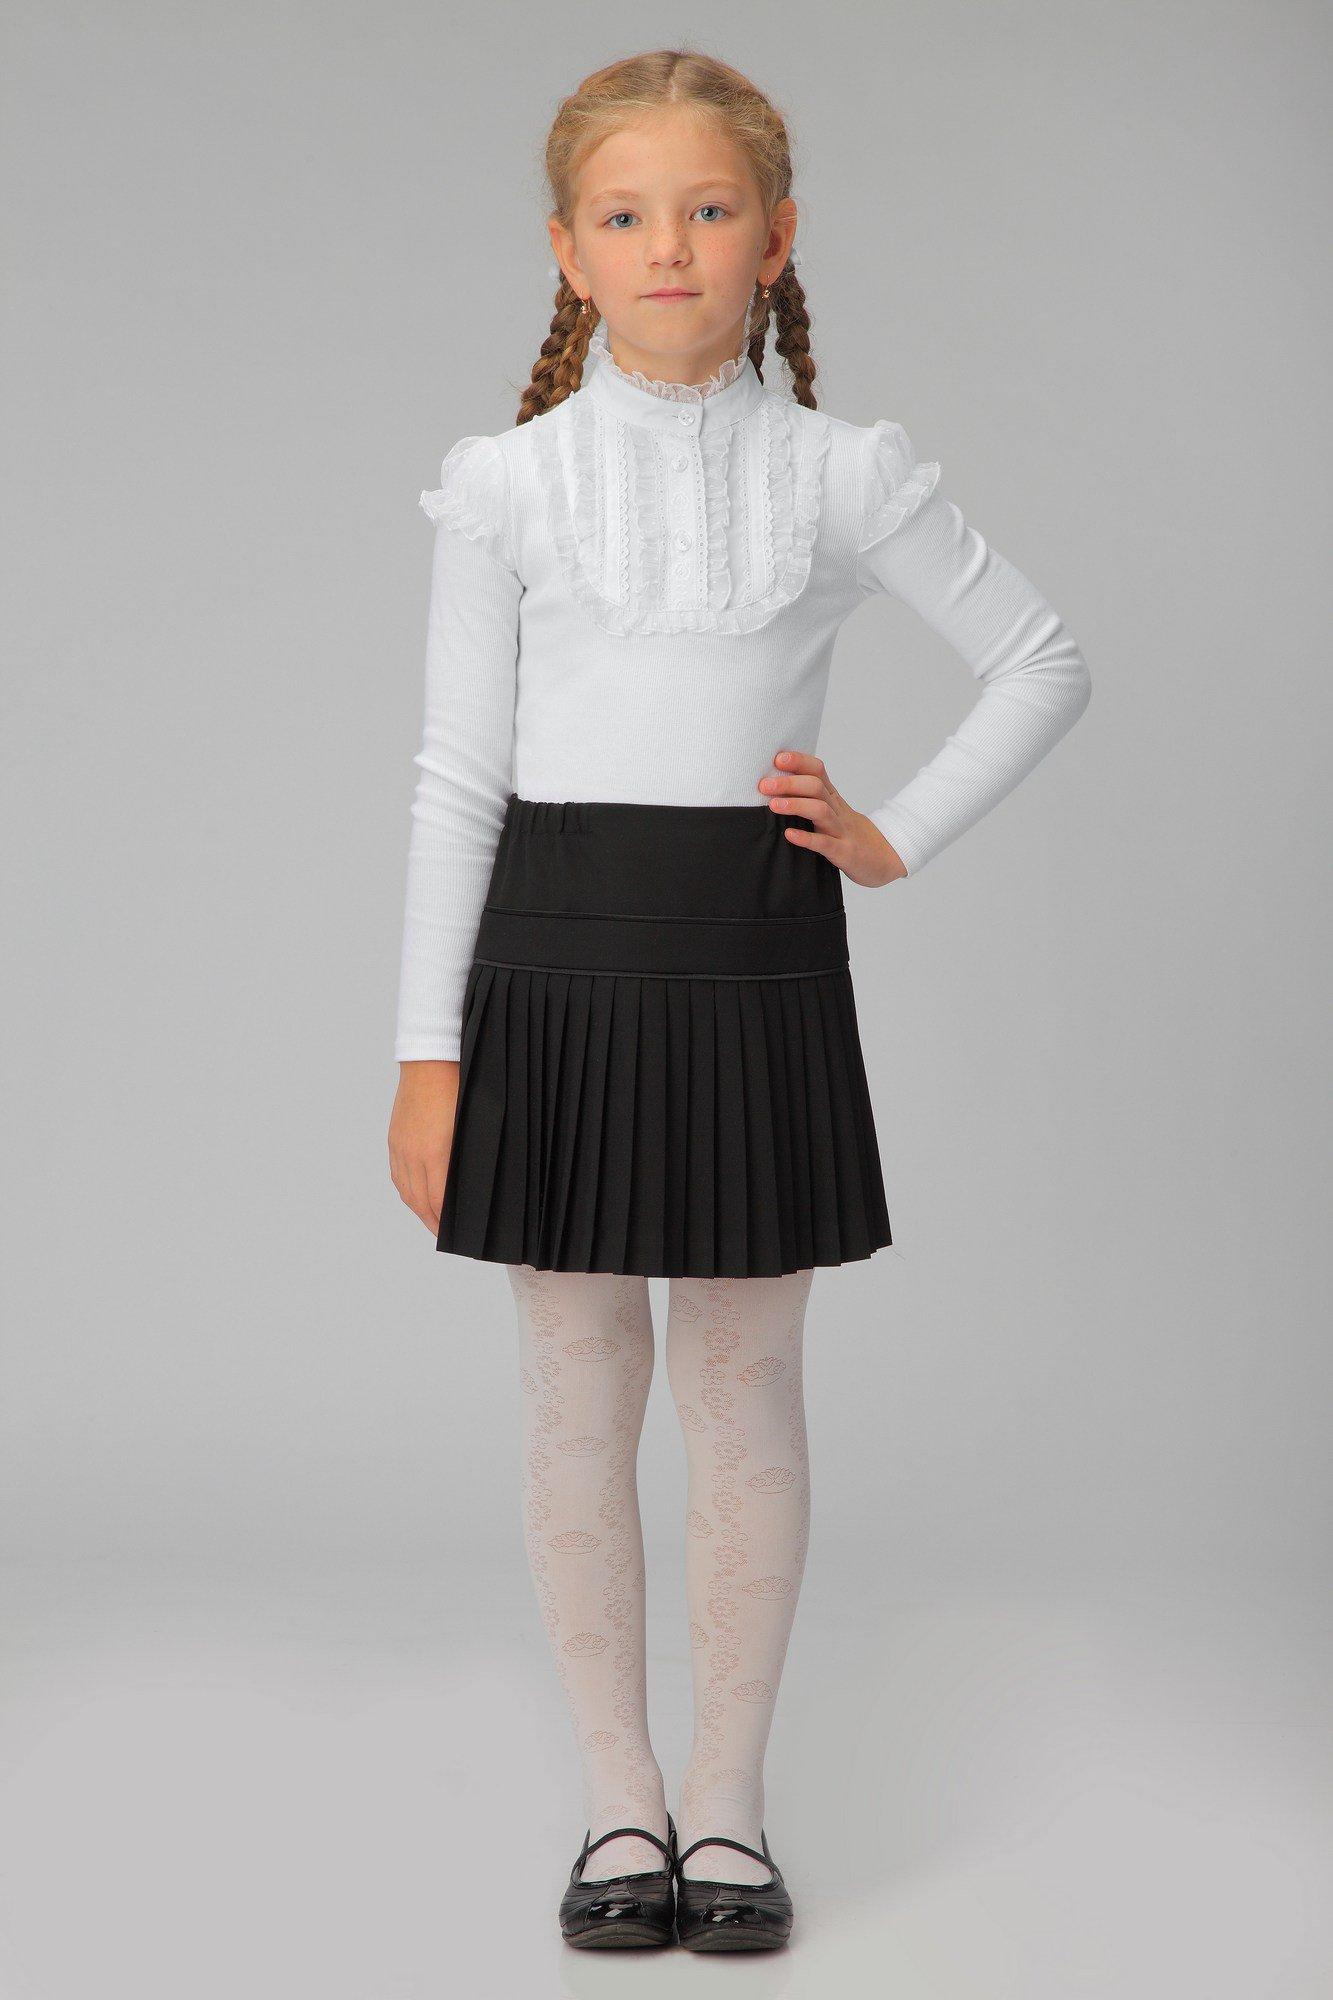 носки для детей юбки: